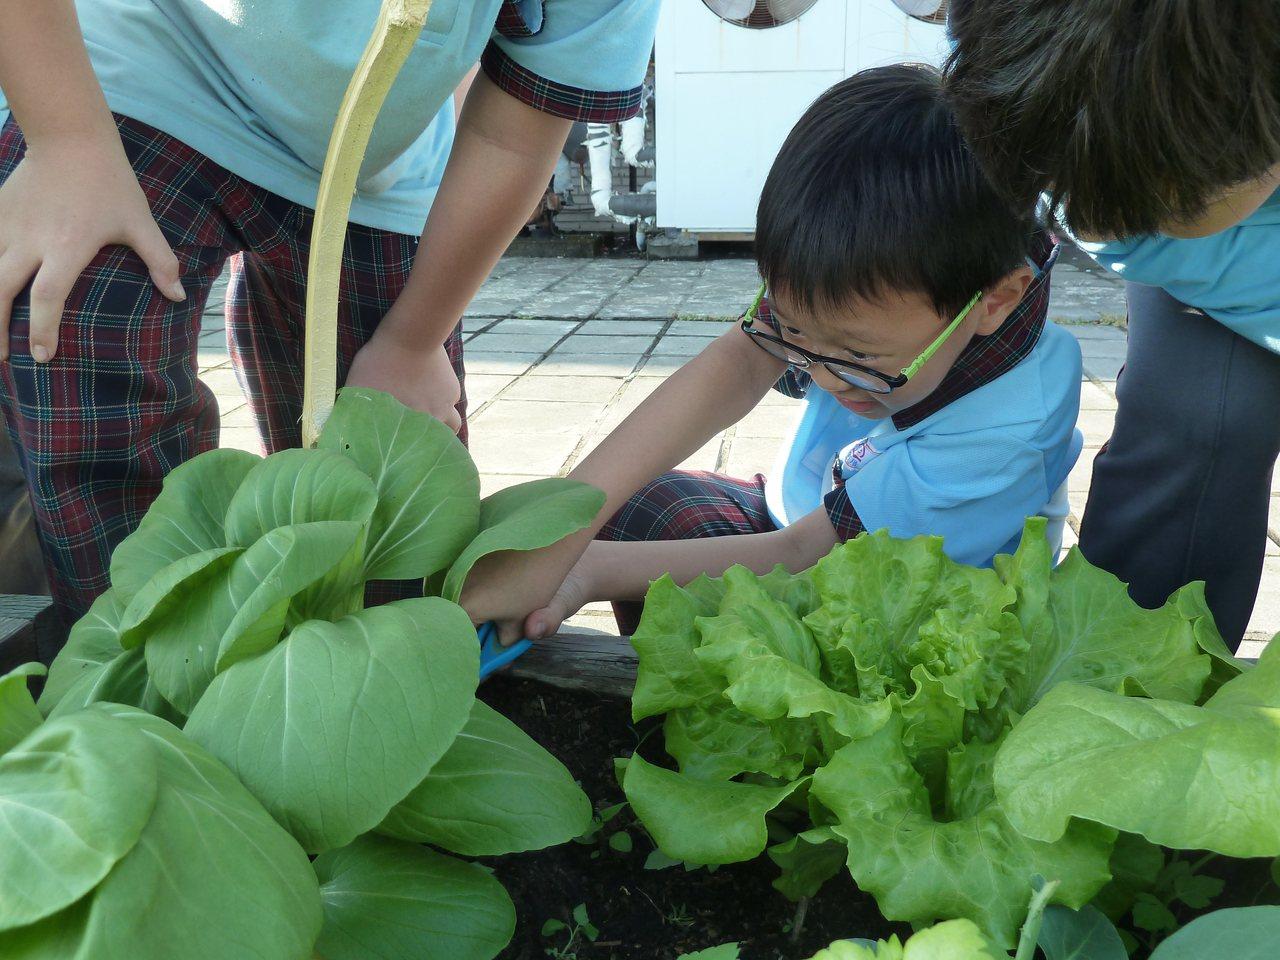 台中市何厝國小位於市區,學校利用頂樓種菜,從幼兒園到小六都參與食農教育,小朋友自...